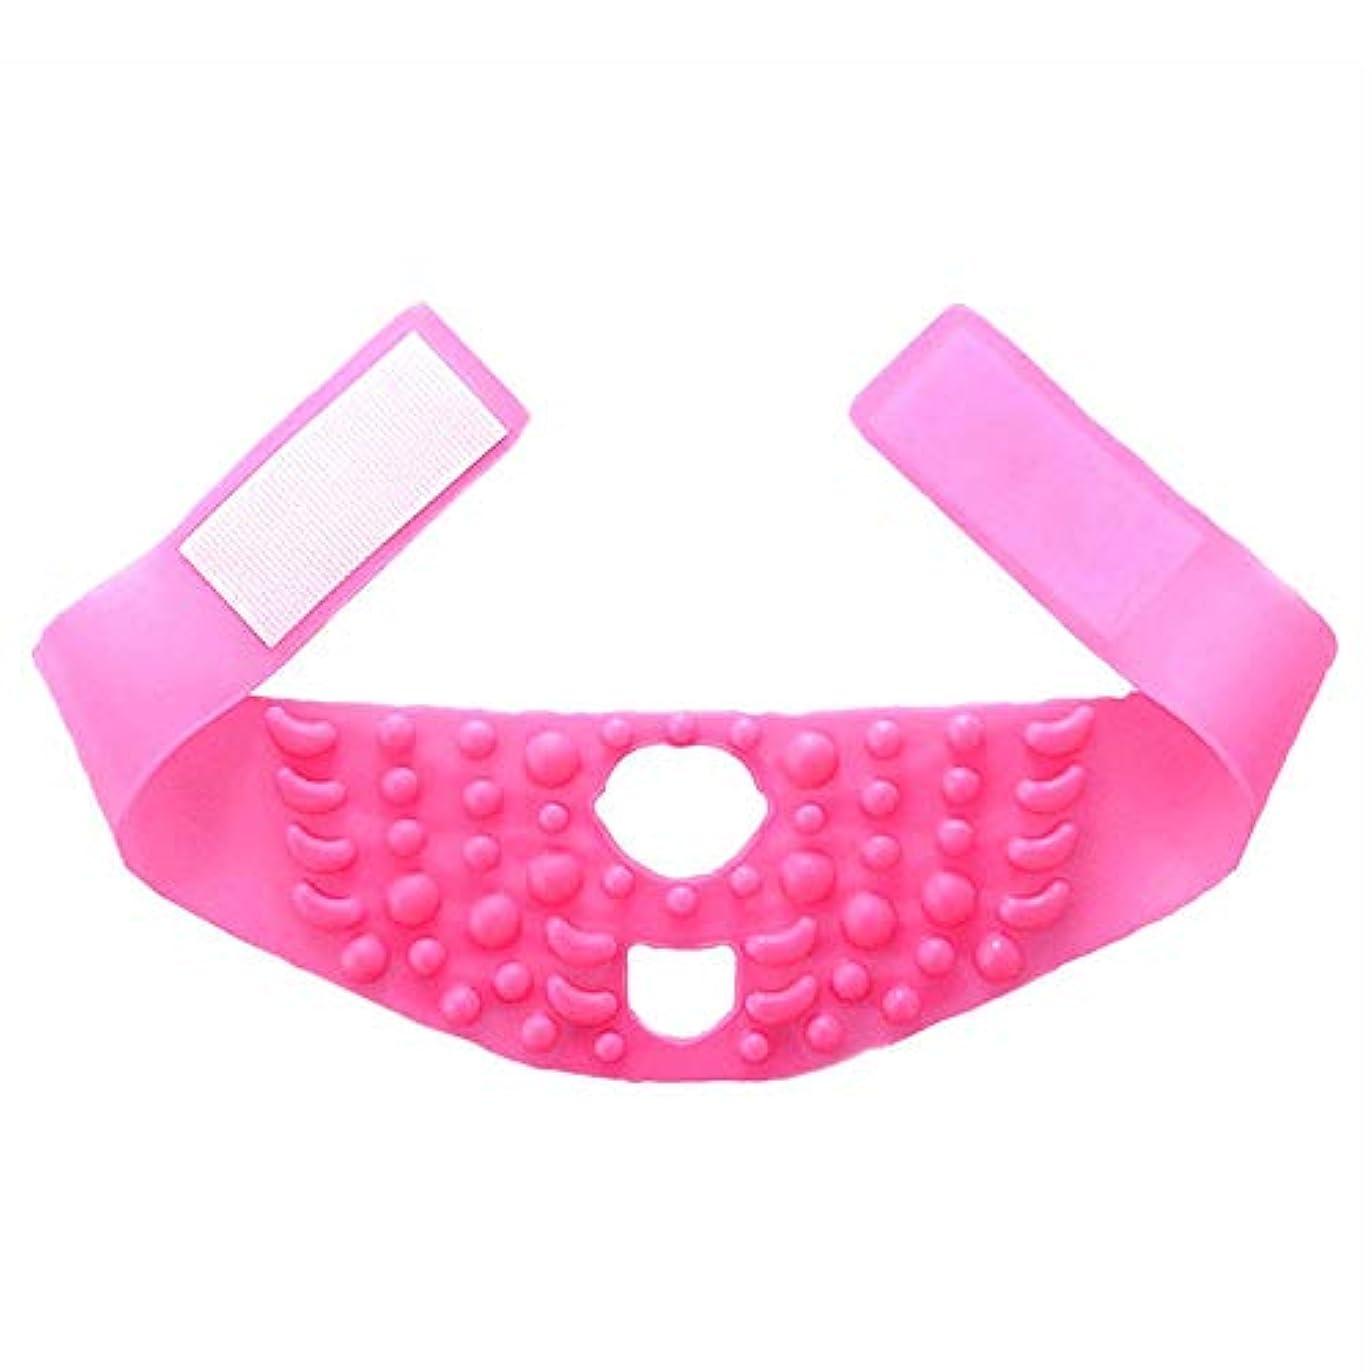 受け入れた三番漏斗飛強強 シンフェイスマスクシリコーンマッサージ引き締まった形の小さなVフェイスリフティングに薄いフェイスアーティファクト包帯を飾る - ピンク スリムフィット美容ツール